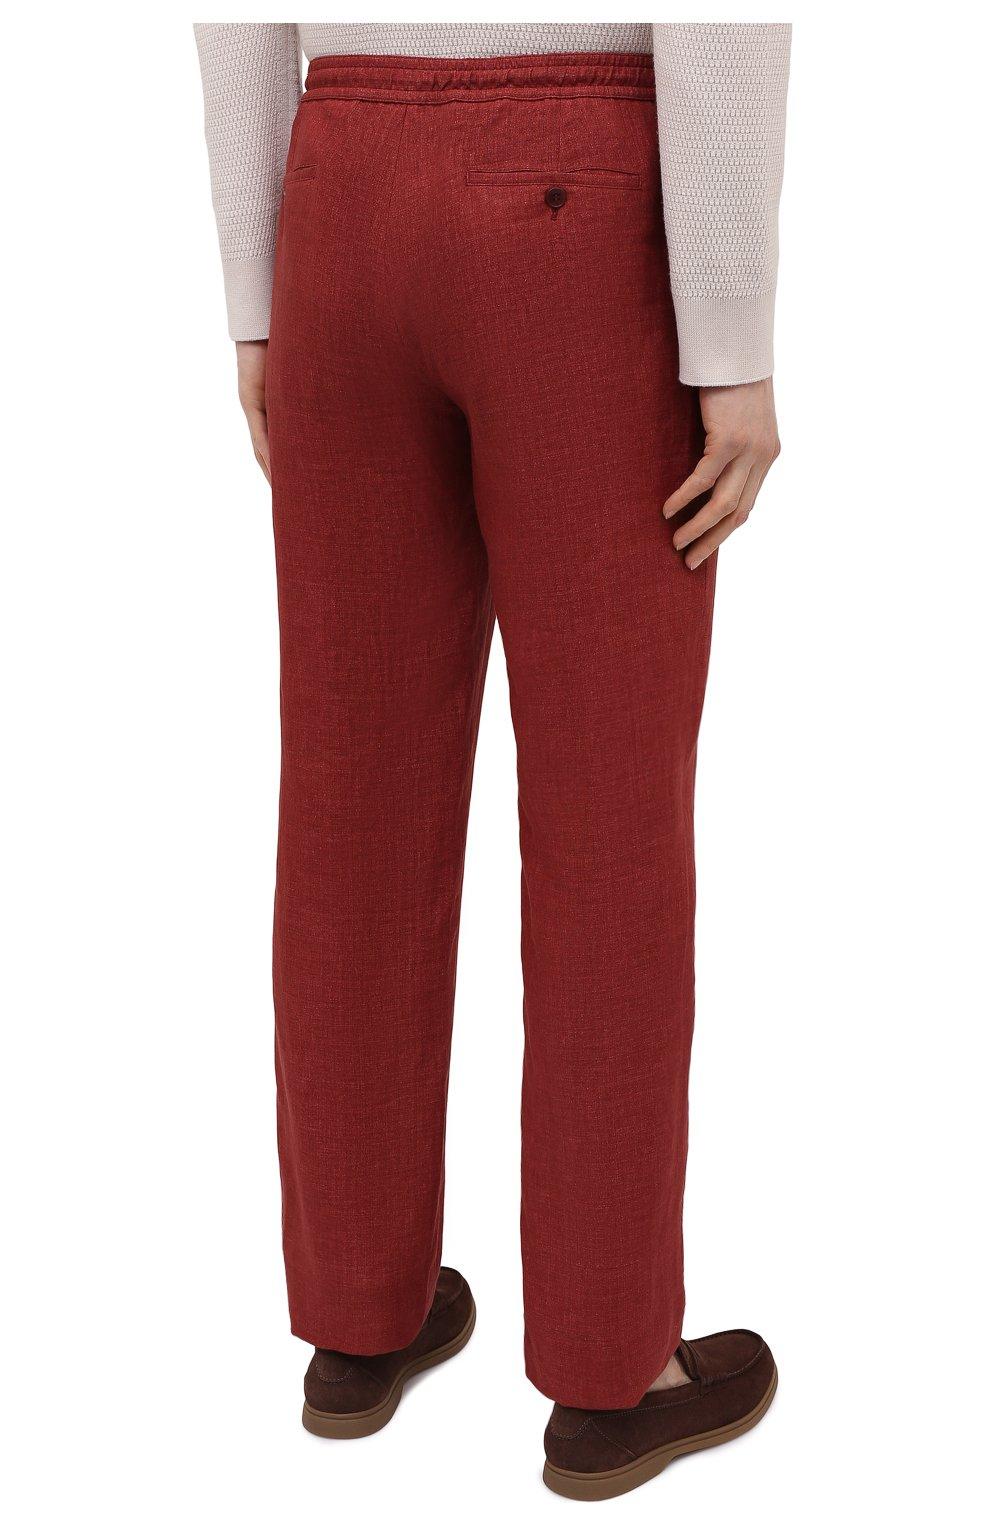 Мужские льняные брюки BRIONI бордового цвета, арт. RPMJ0M/P6114/NEW JAMAICA | Фото 4 (Длина (брюки, джинсы): Стандартные; Случай: Повседневный; Материал внешний: Лен; Стили: Кэжуэл)